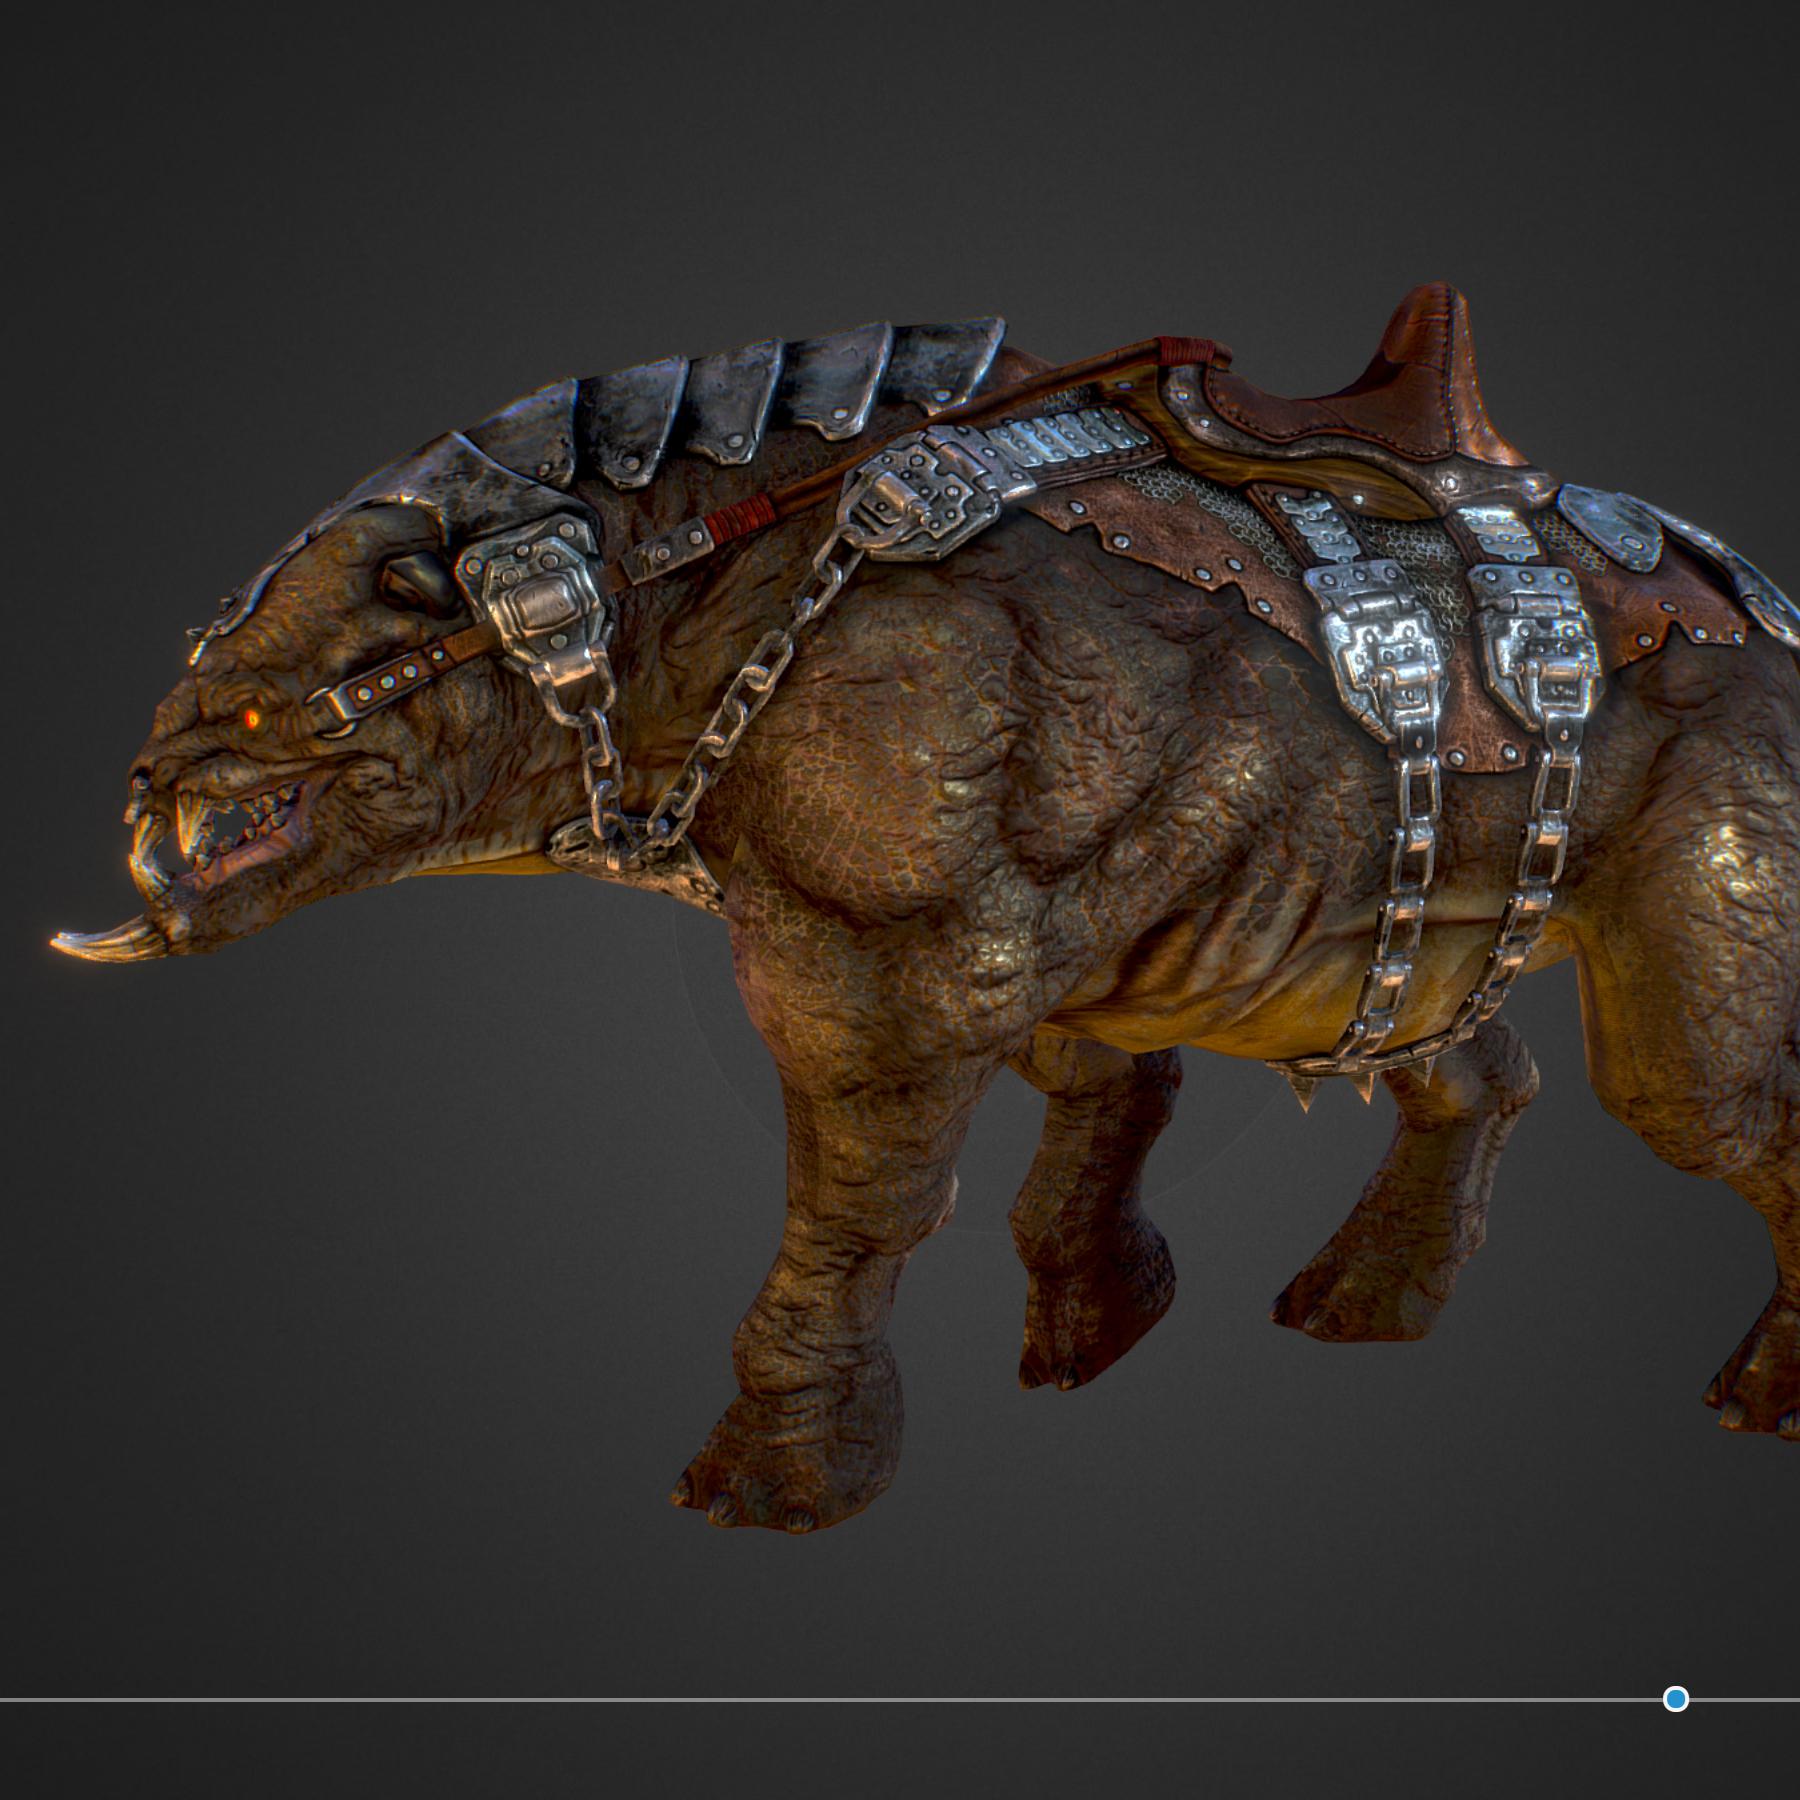 creature mount mastodont 3d model max  fbx ma mb obj 272416